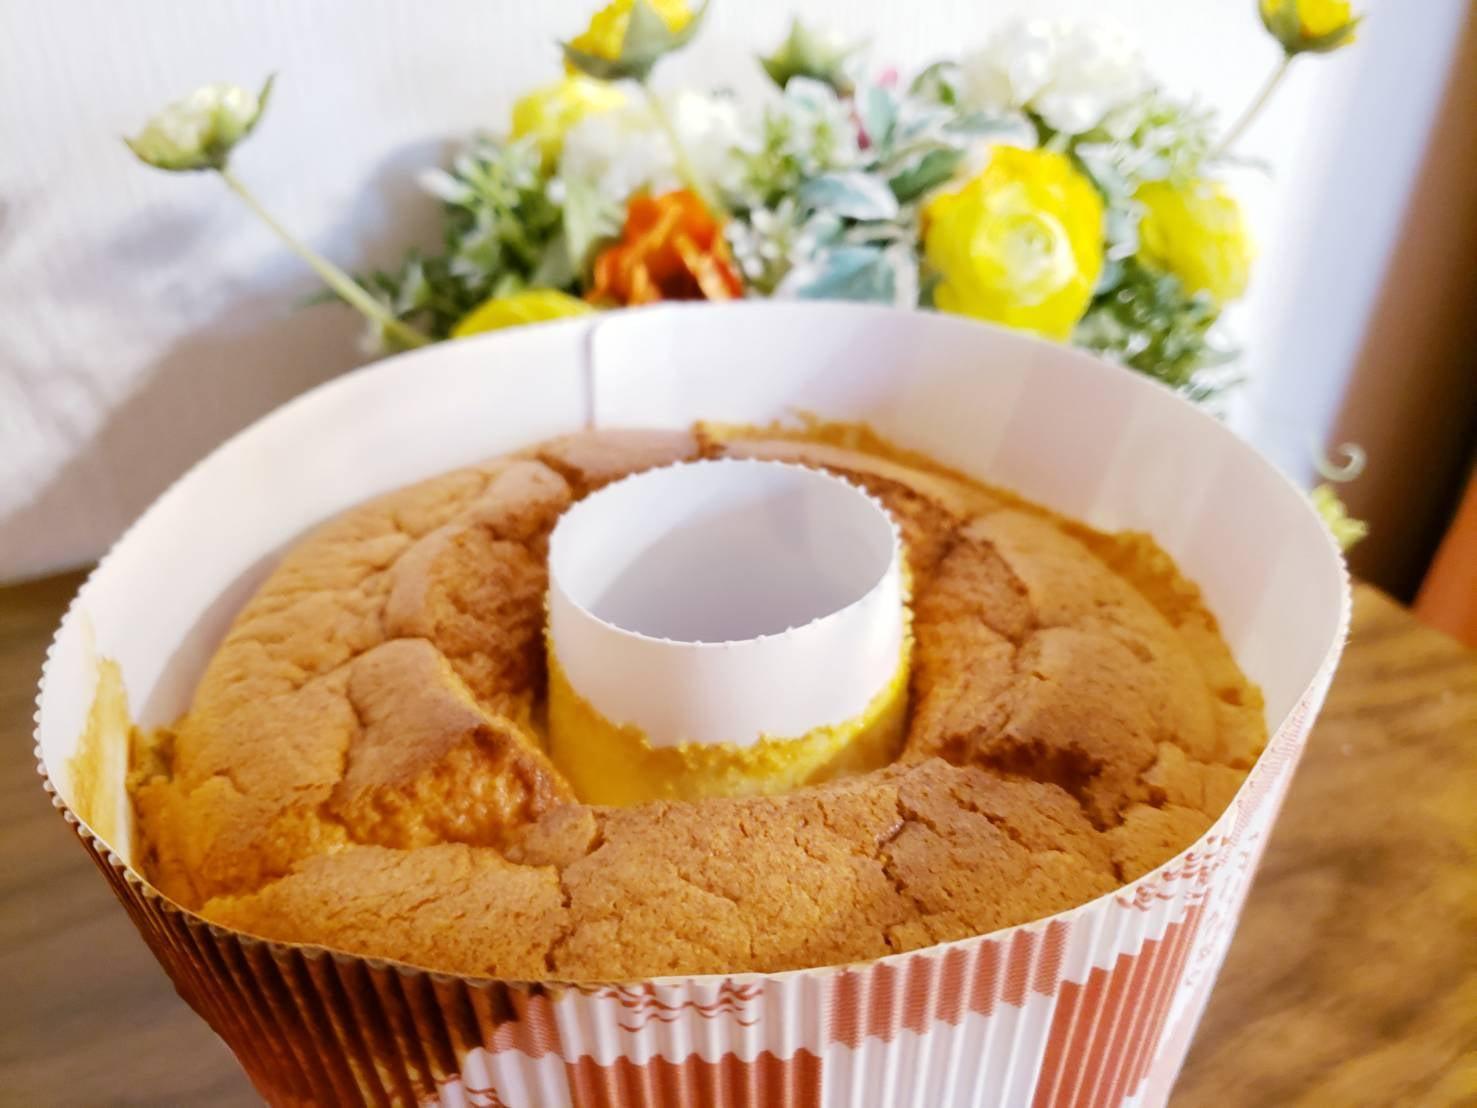 7月19日(金)お渡し【返礼品付き寄付】しっとりふわふわ!米粉シフォンケーキ1ホールがご寄付のお礼のイメージその2